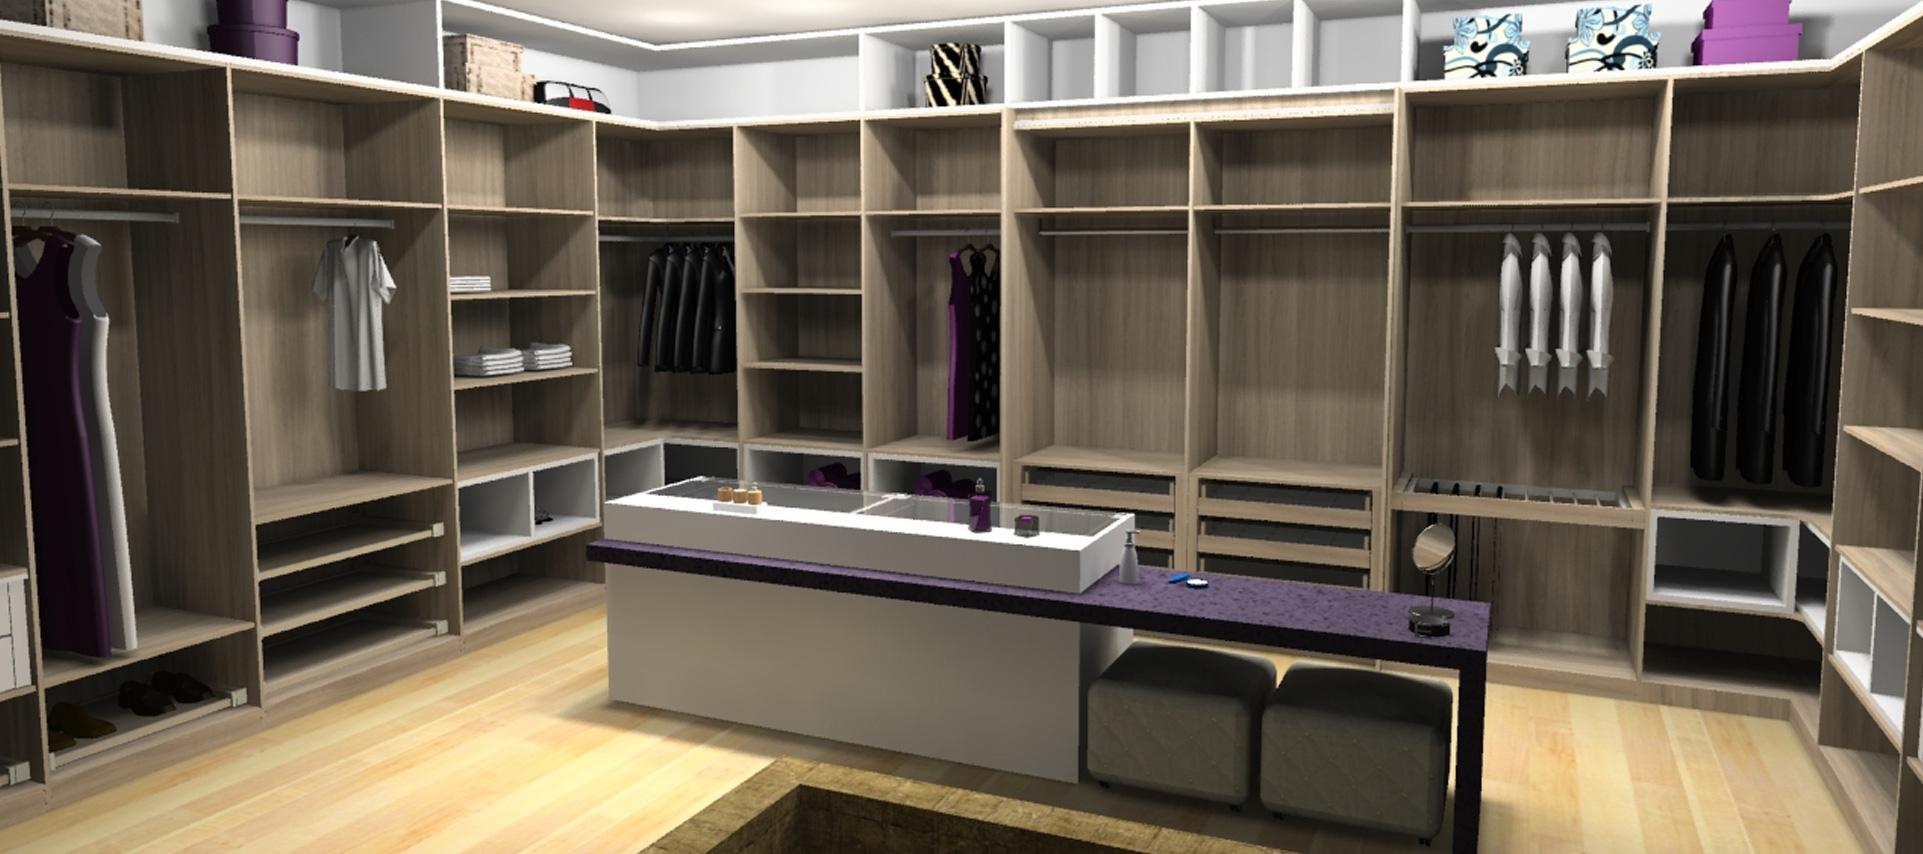 https://www.decor8planejados.com.br/wp-content/uploads/2016/03/closet-moveis-planejados-curitiba.jpg